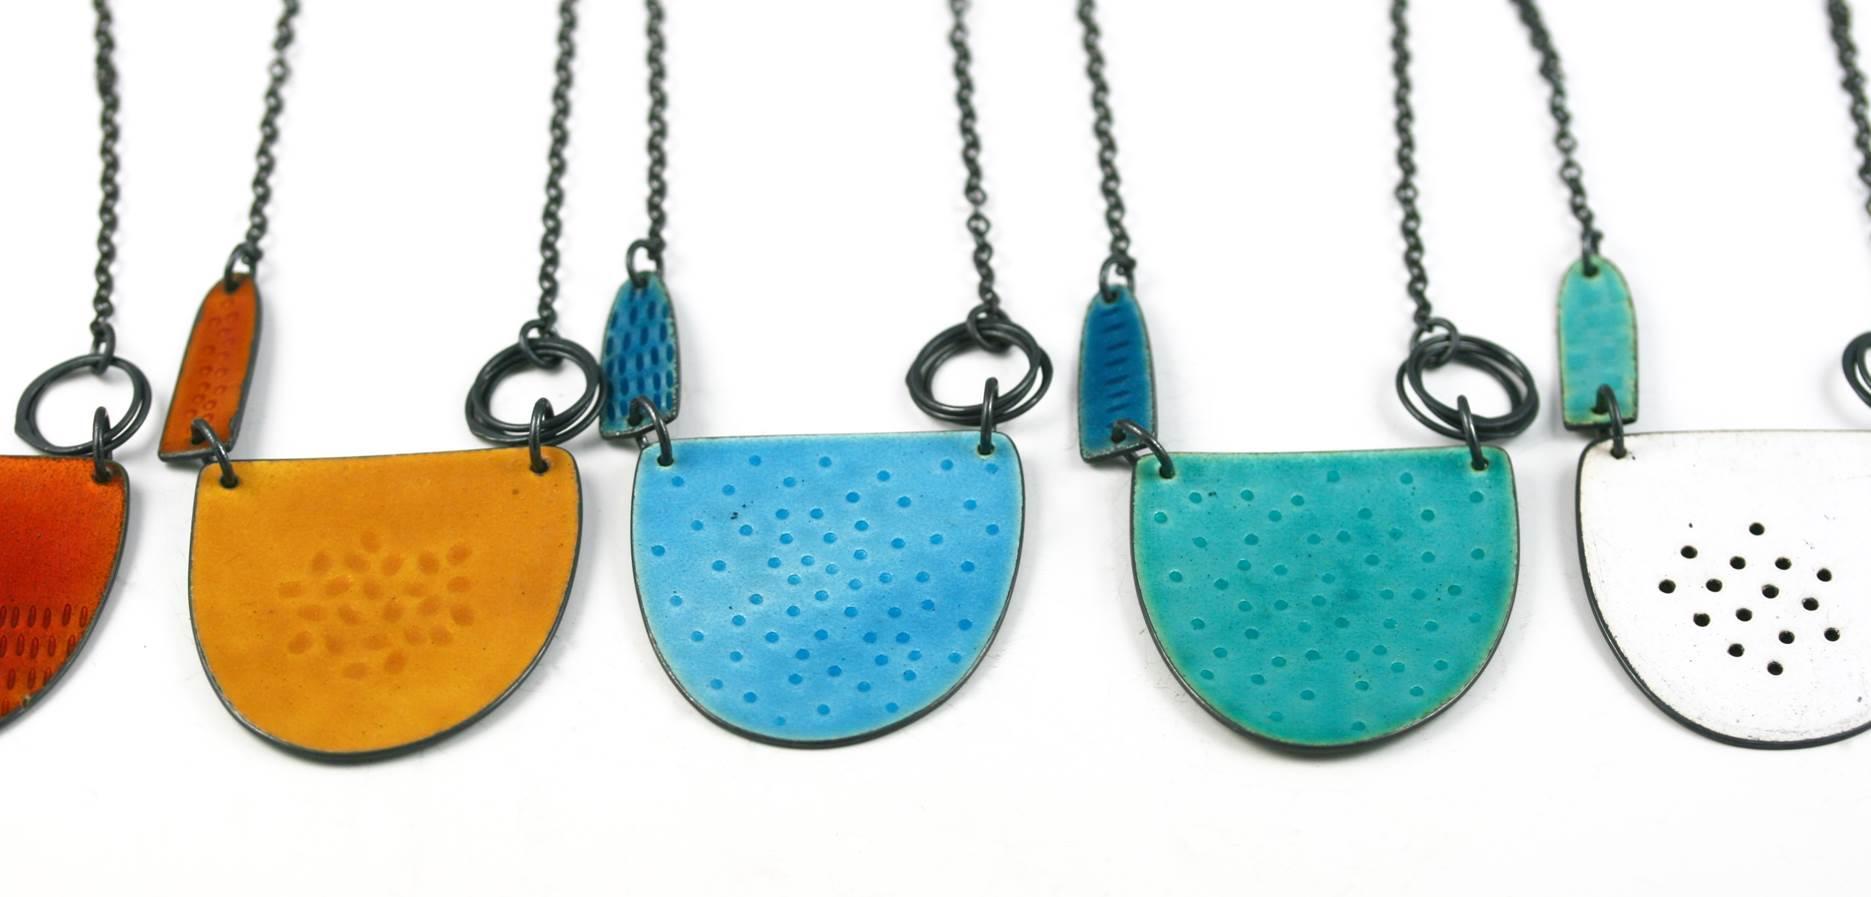 caroline finlay necklaces.jpg